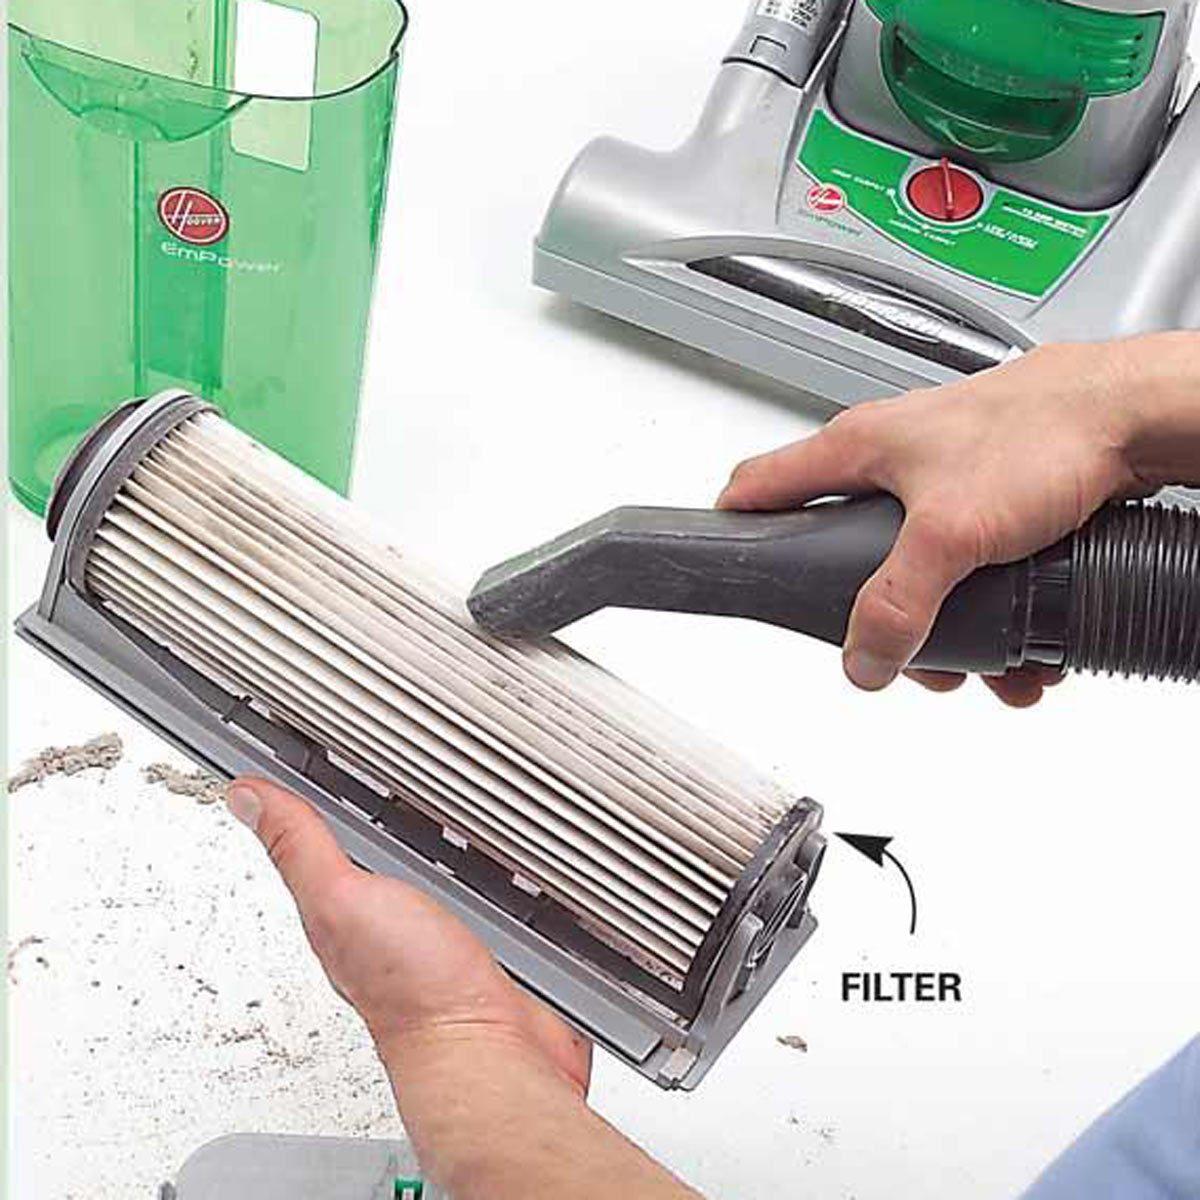 vacuuming mistake clean vacuum